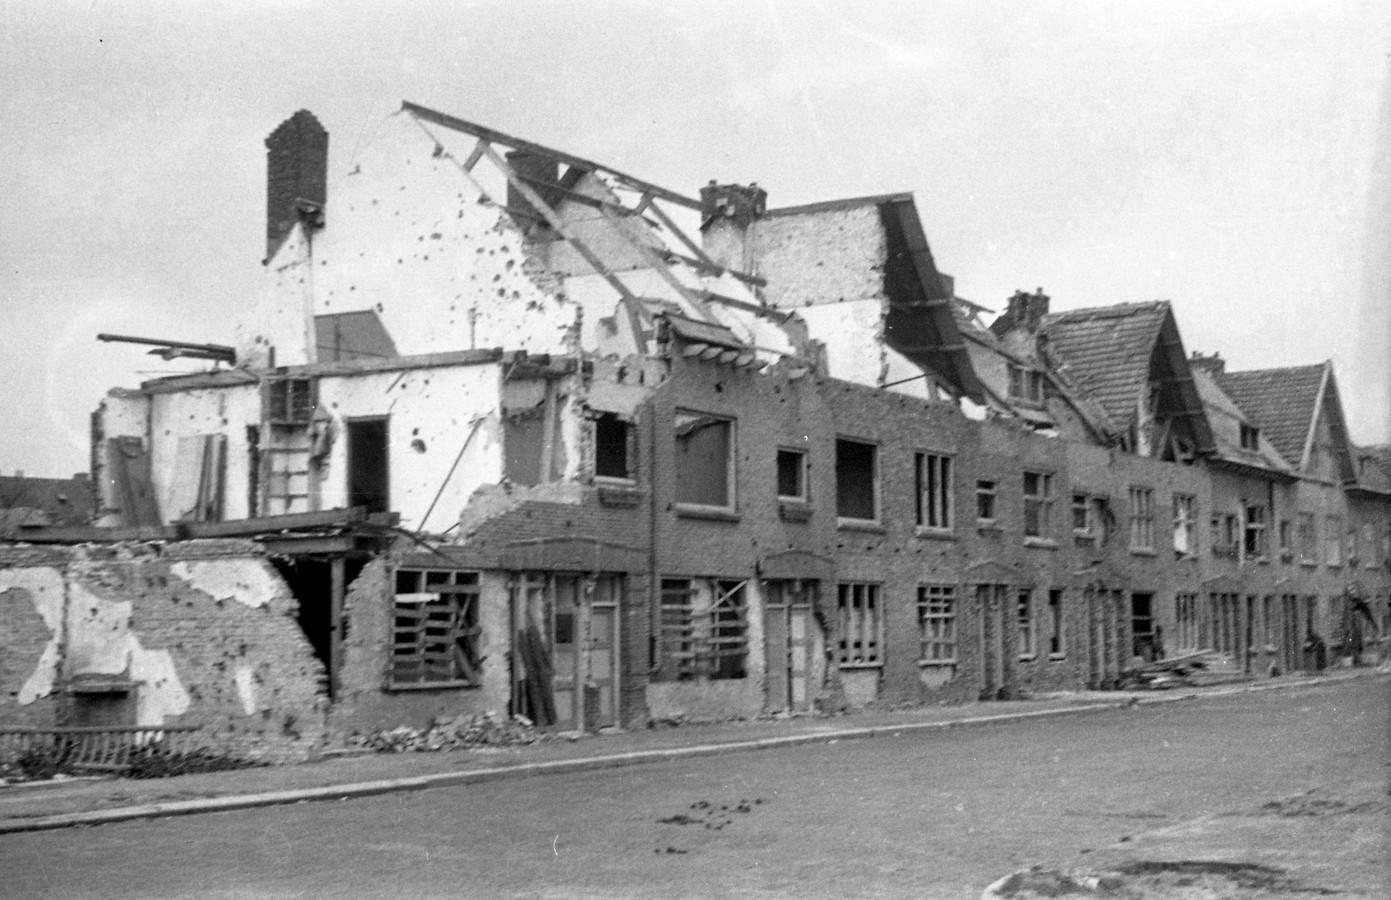 Verkuijl Quakkelaarstraat Vlissingen, 1944.